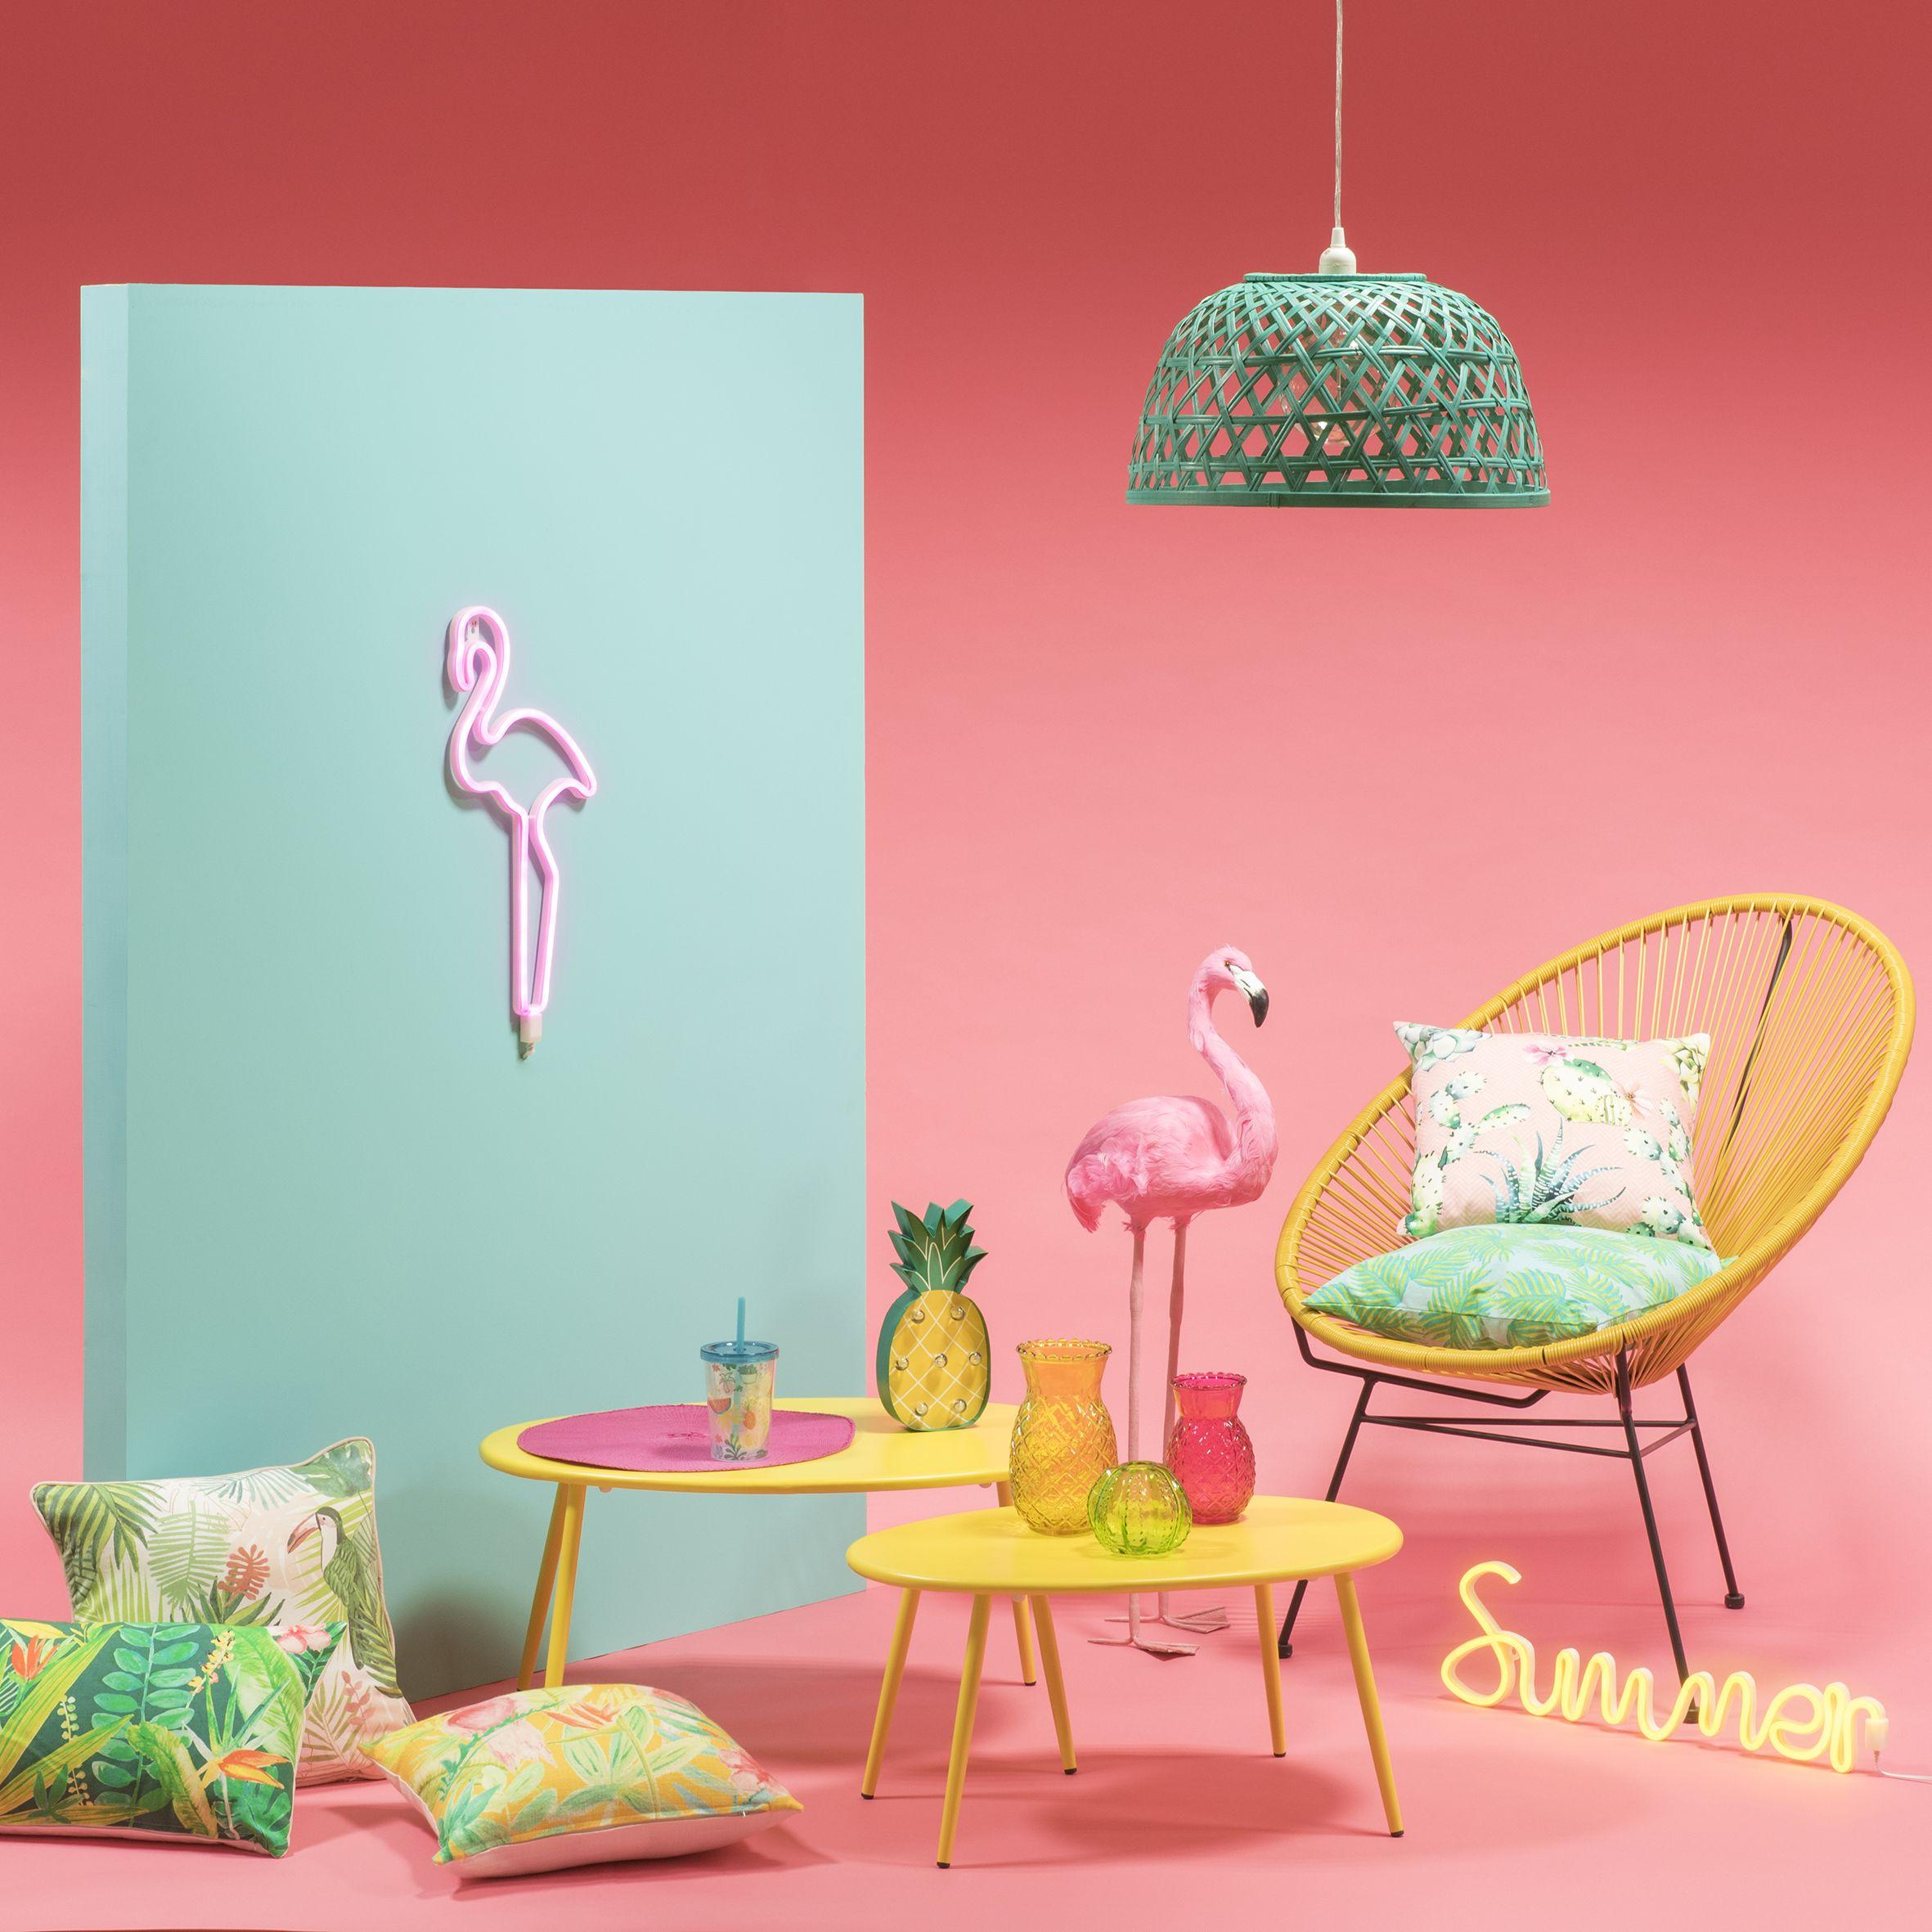 Life In Technicolore Avec Une Decoration Acidule Et Des Couleurs Pop Pour La Chambre Le Salon Et Le Jardin Coussin Trending Decor Home Decor Trends Home Decor